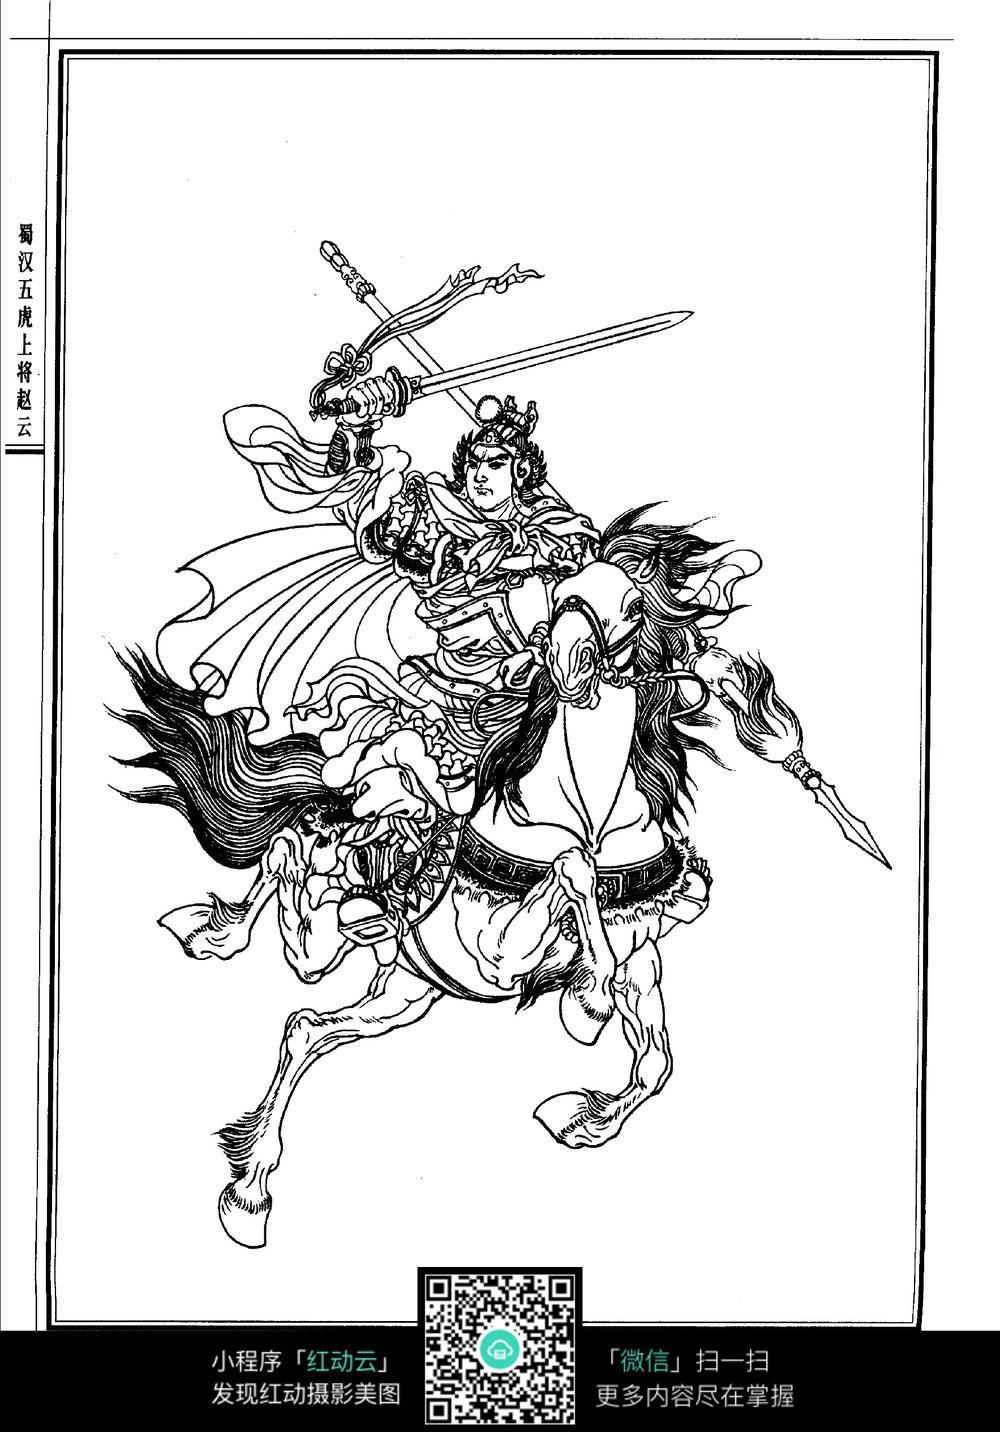 jpg 三国演义人物 隋唐好汉 卡通人物 漫画人物 人物绘画 插画图片